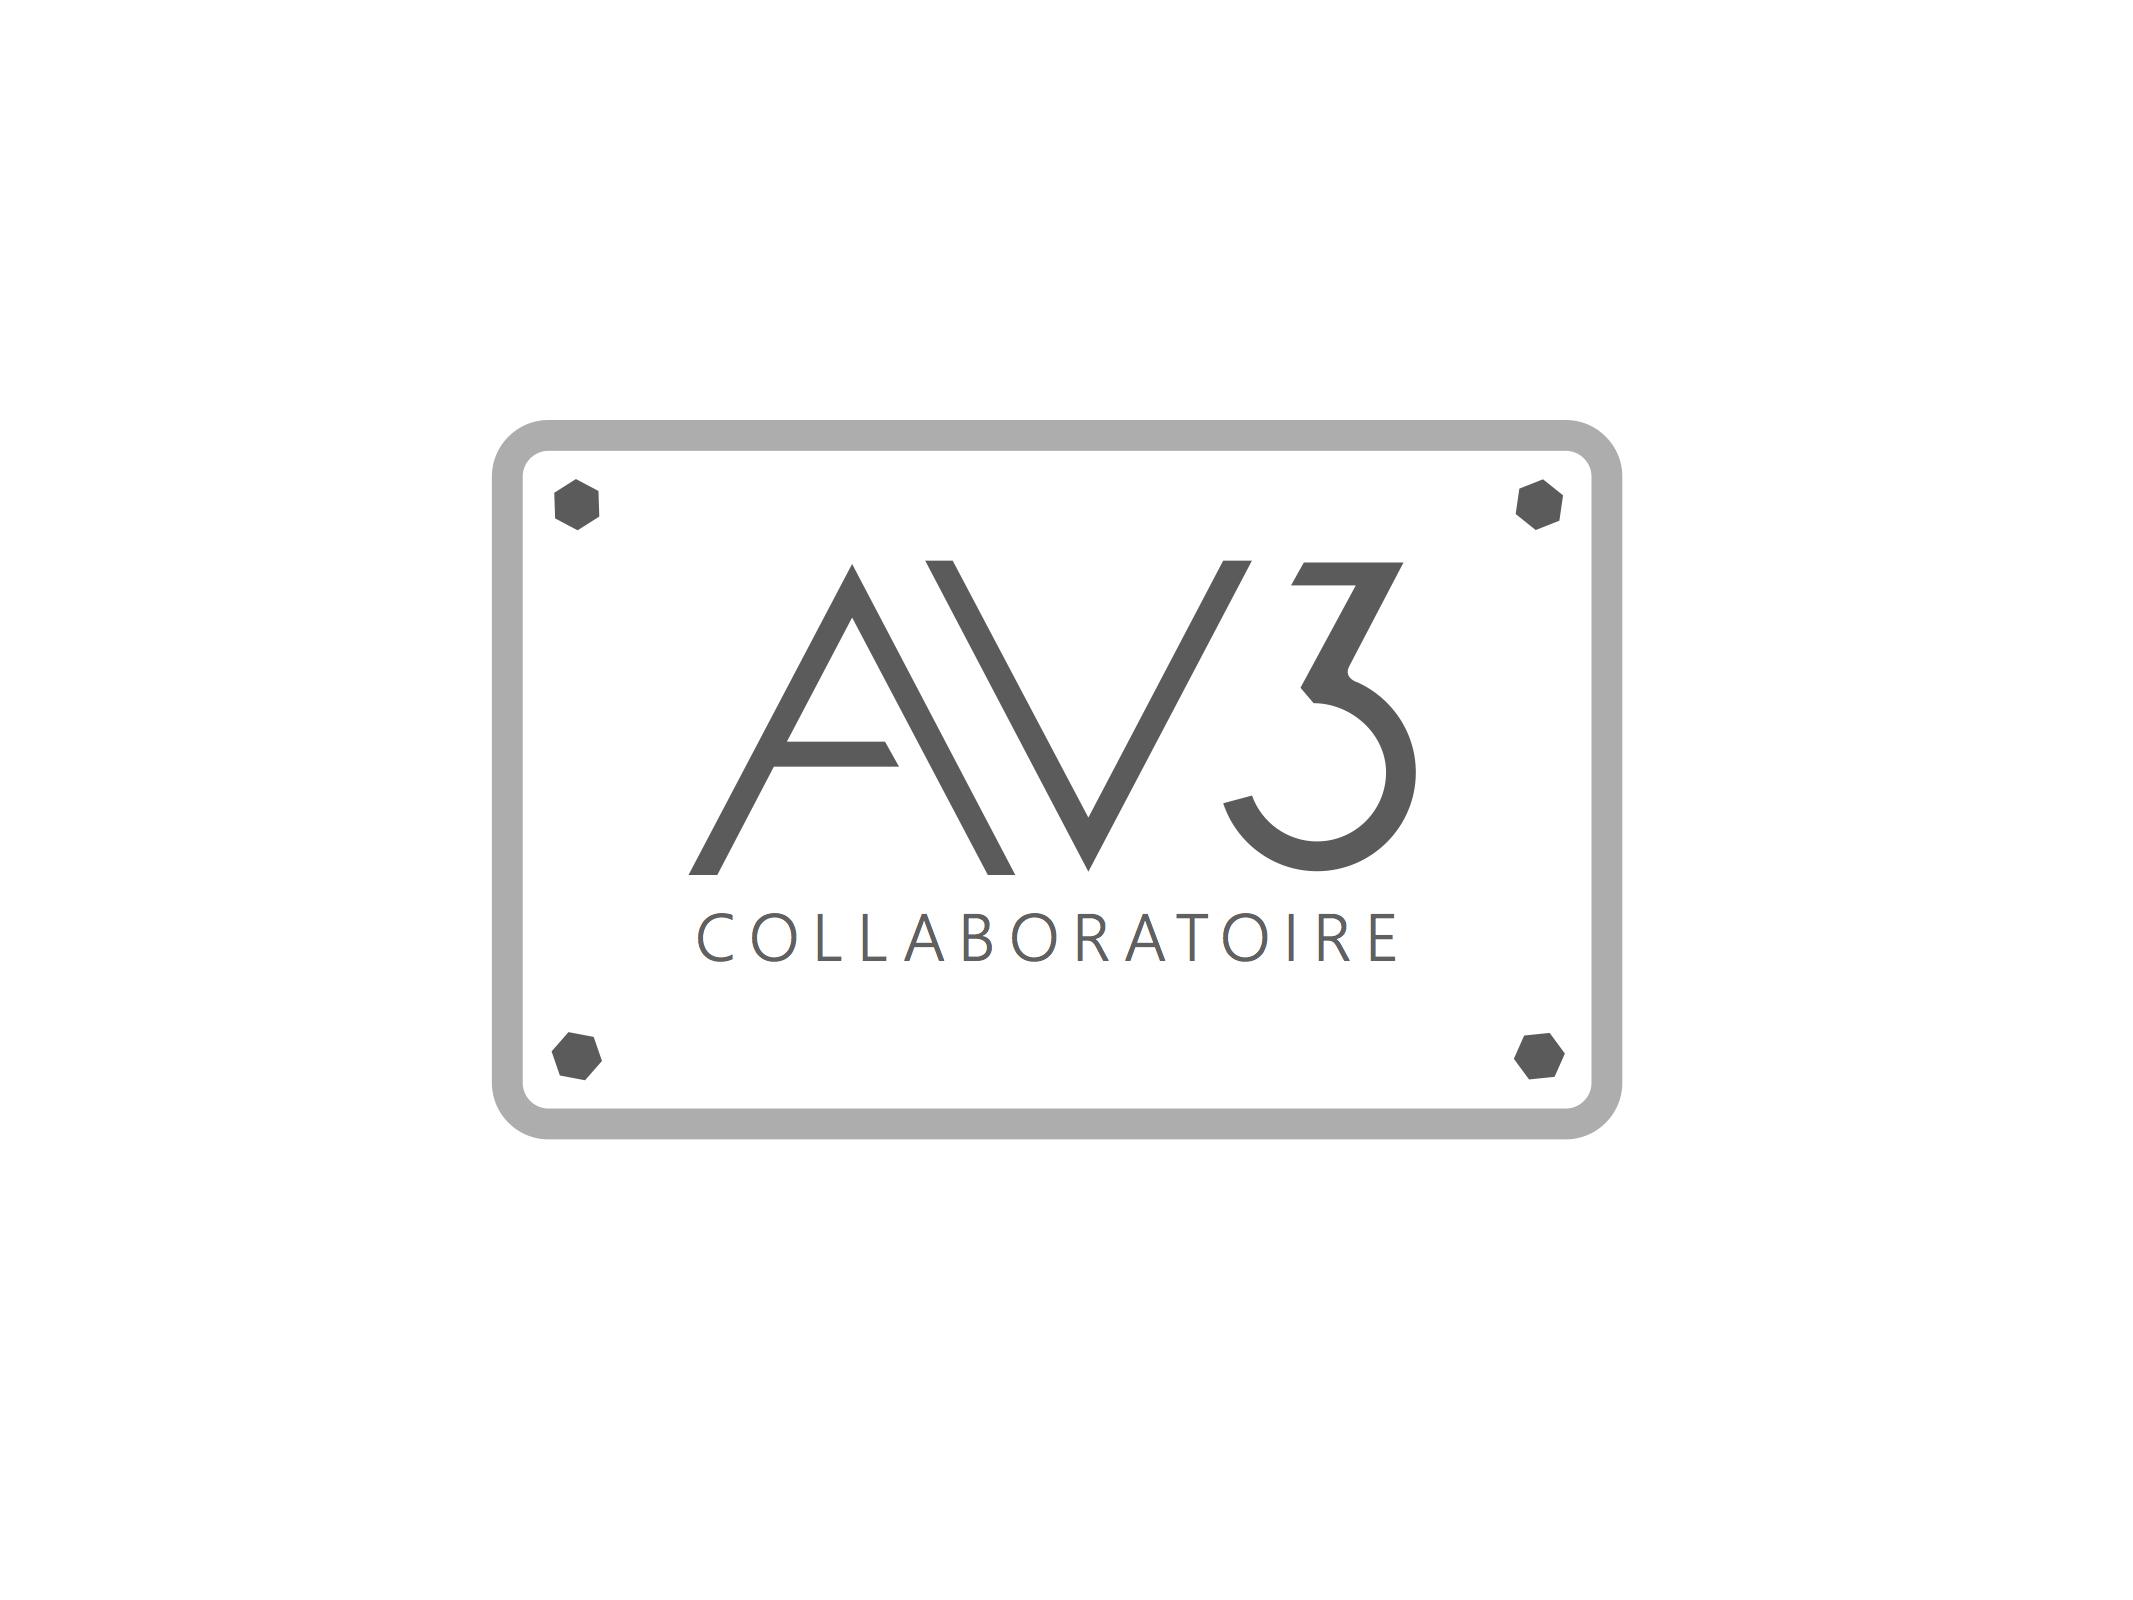 Gestion Av3